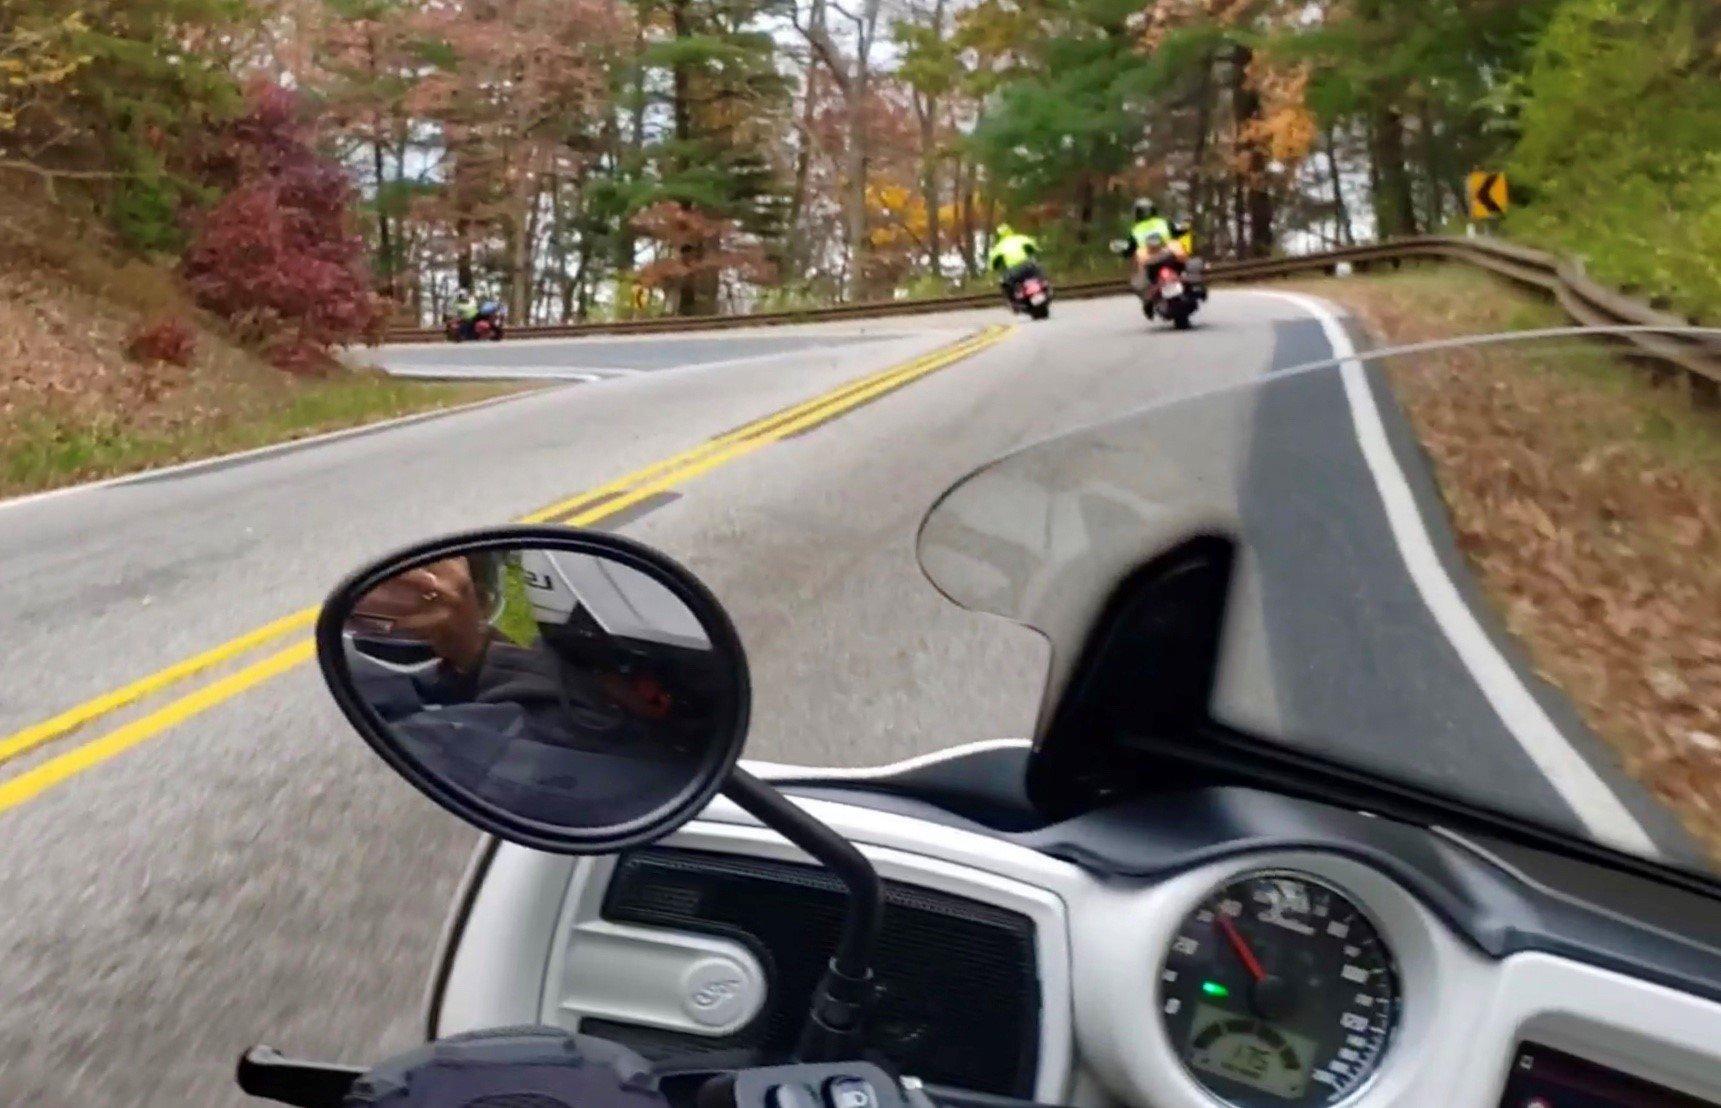 https://0201.nccdn.net/1_2/000/000/16c/6a8/group-on-twisty-road-2.jpg